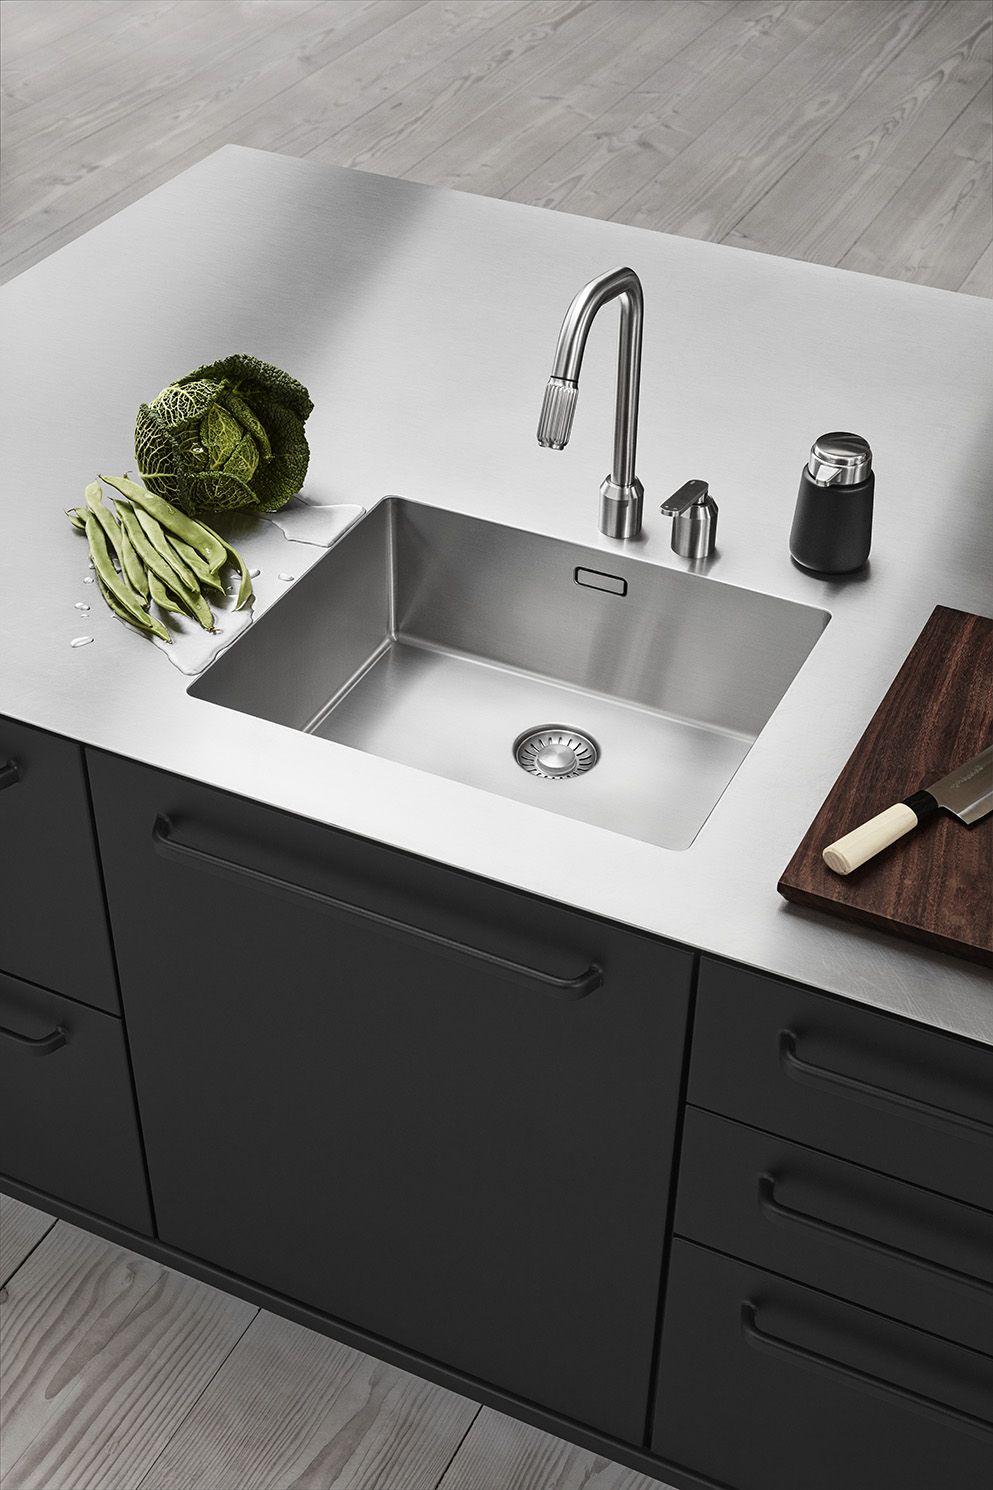 Vipp Kitchen Vipp Com Minimalist Kitchen Design Minimalist Kitchen Kitchen Design